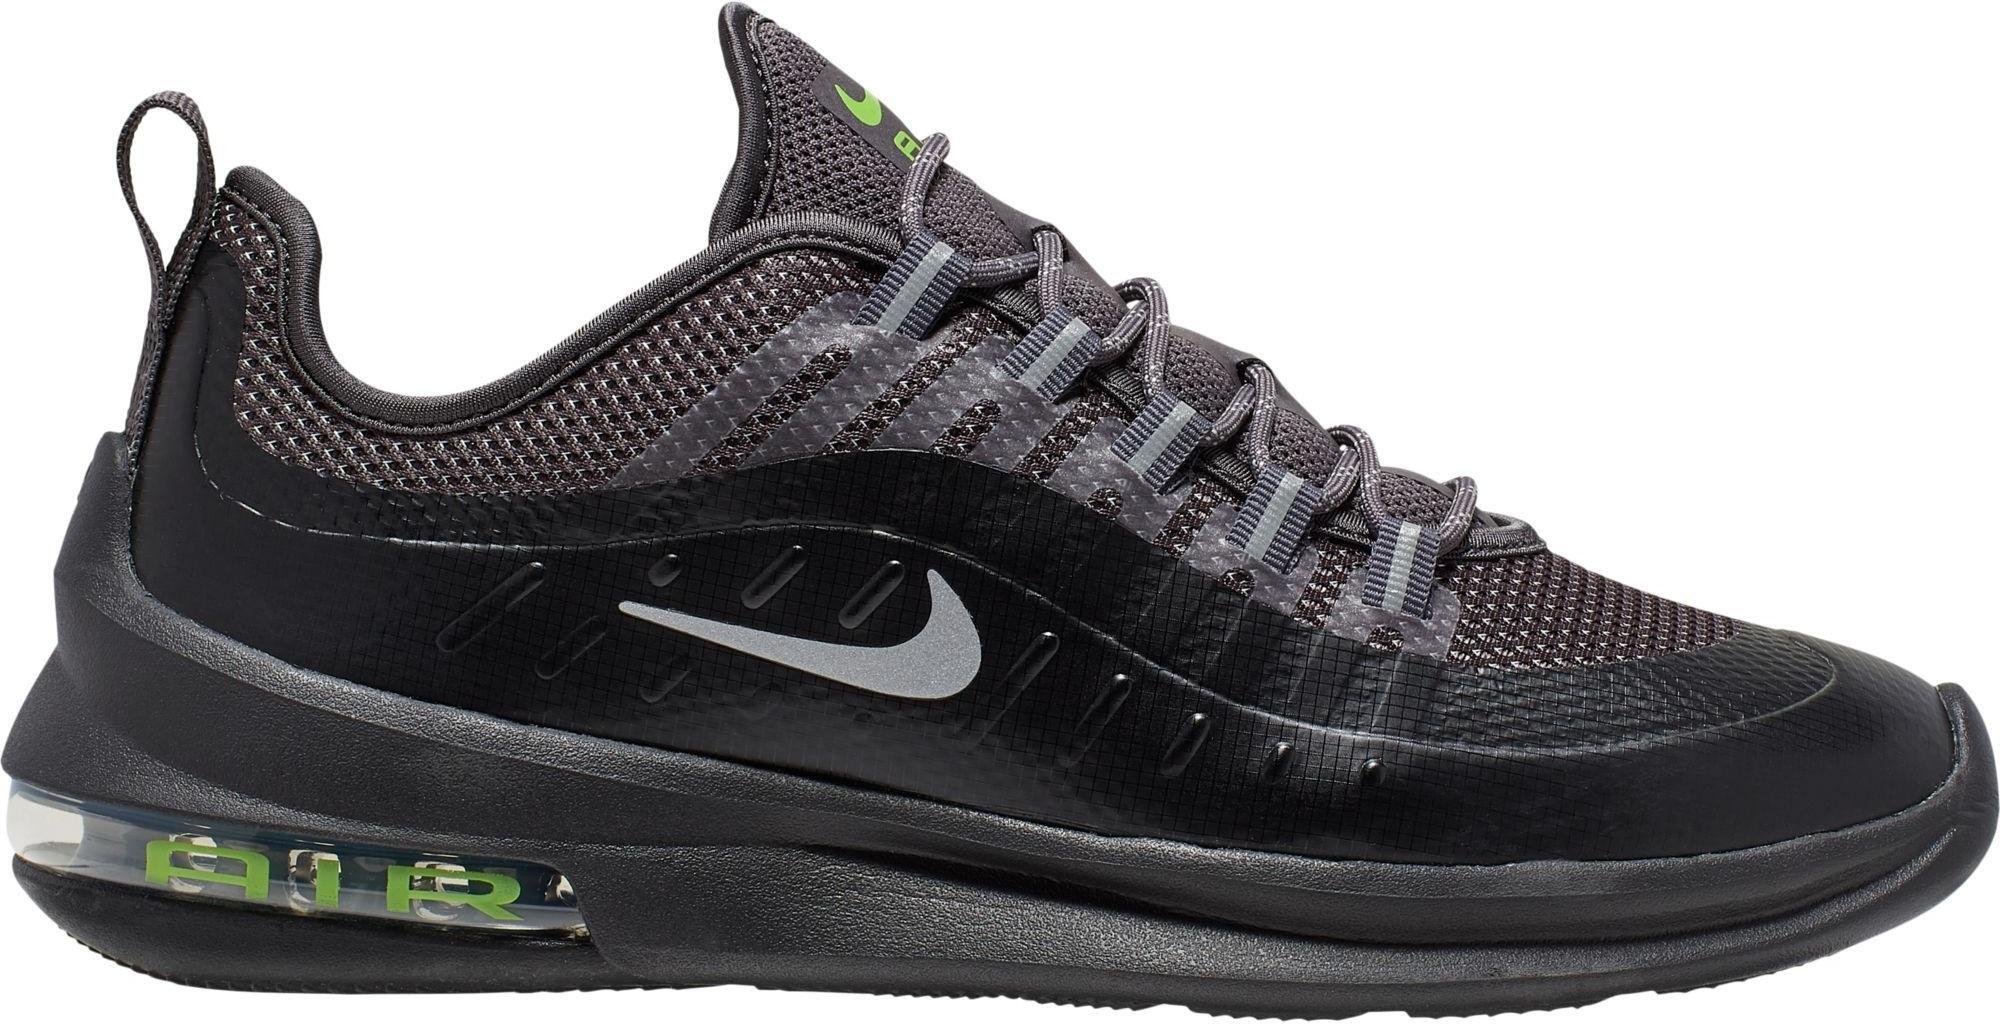 Chaussures Nike AIR MAX AXIS PREM